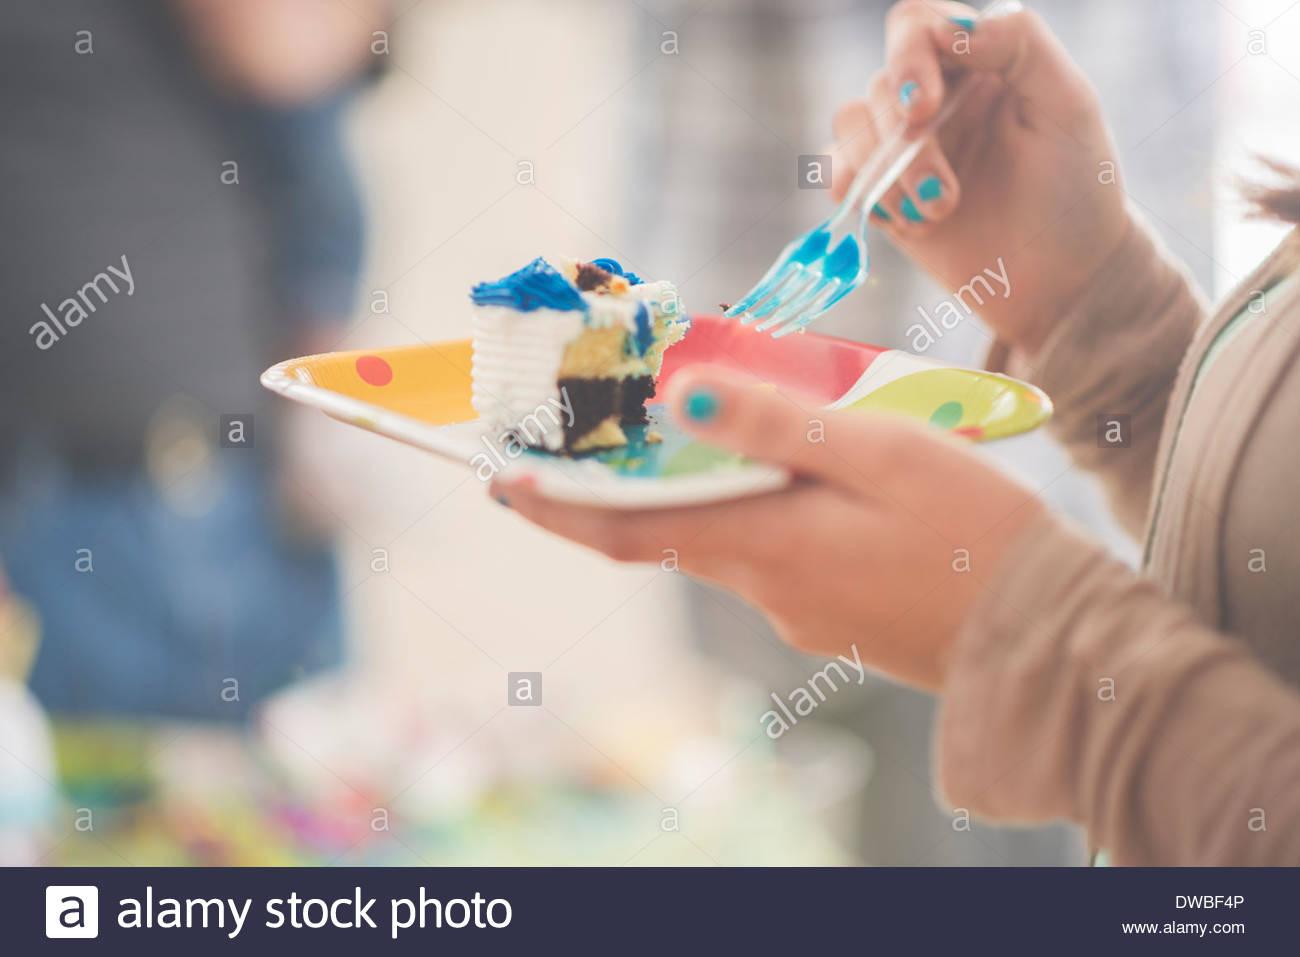 Cerca de adolescente comiendo la rebanada de pastel de cumpleaños Imagen De Stock